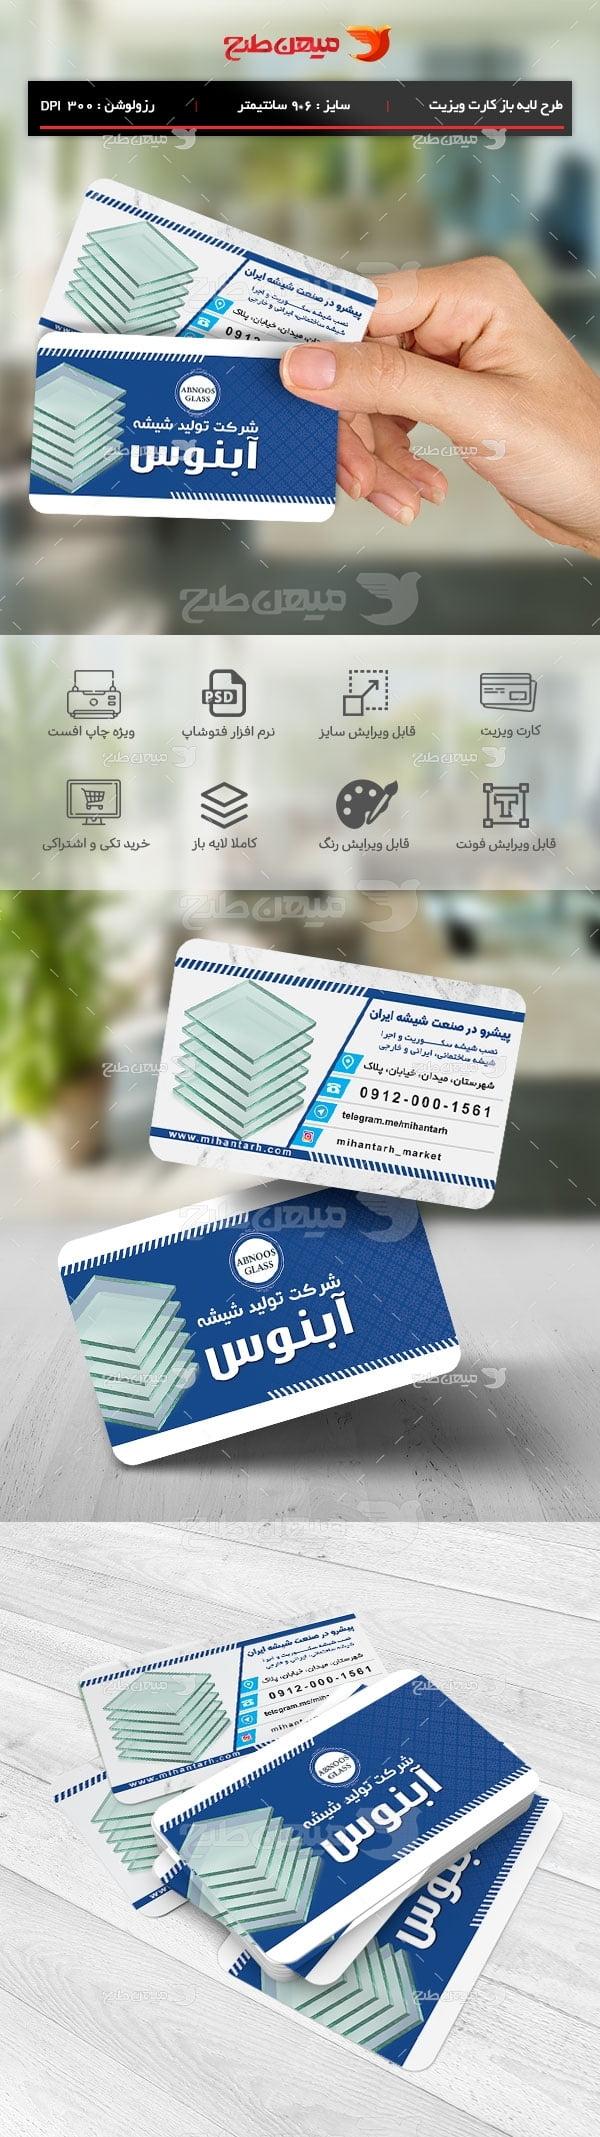 طرح لایه باز کارت ویزیت شرکت تولید شیشه آبنوس